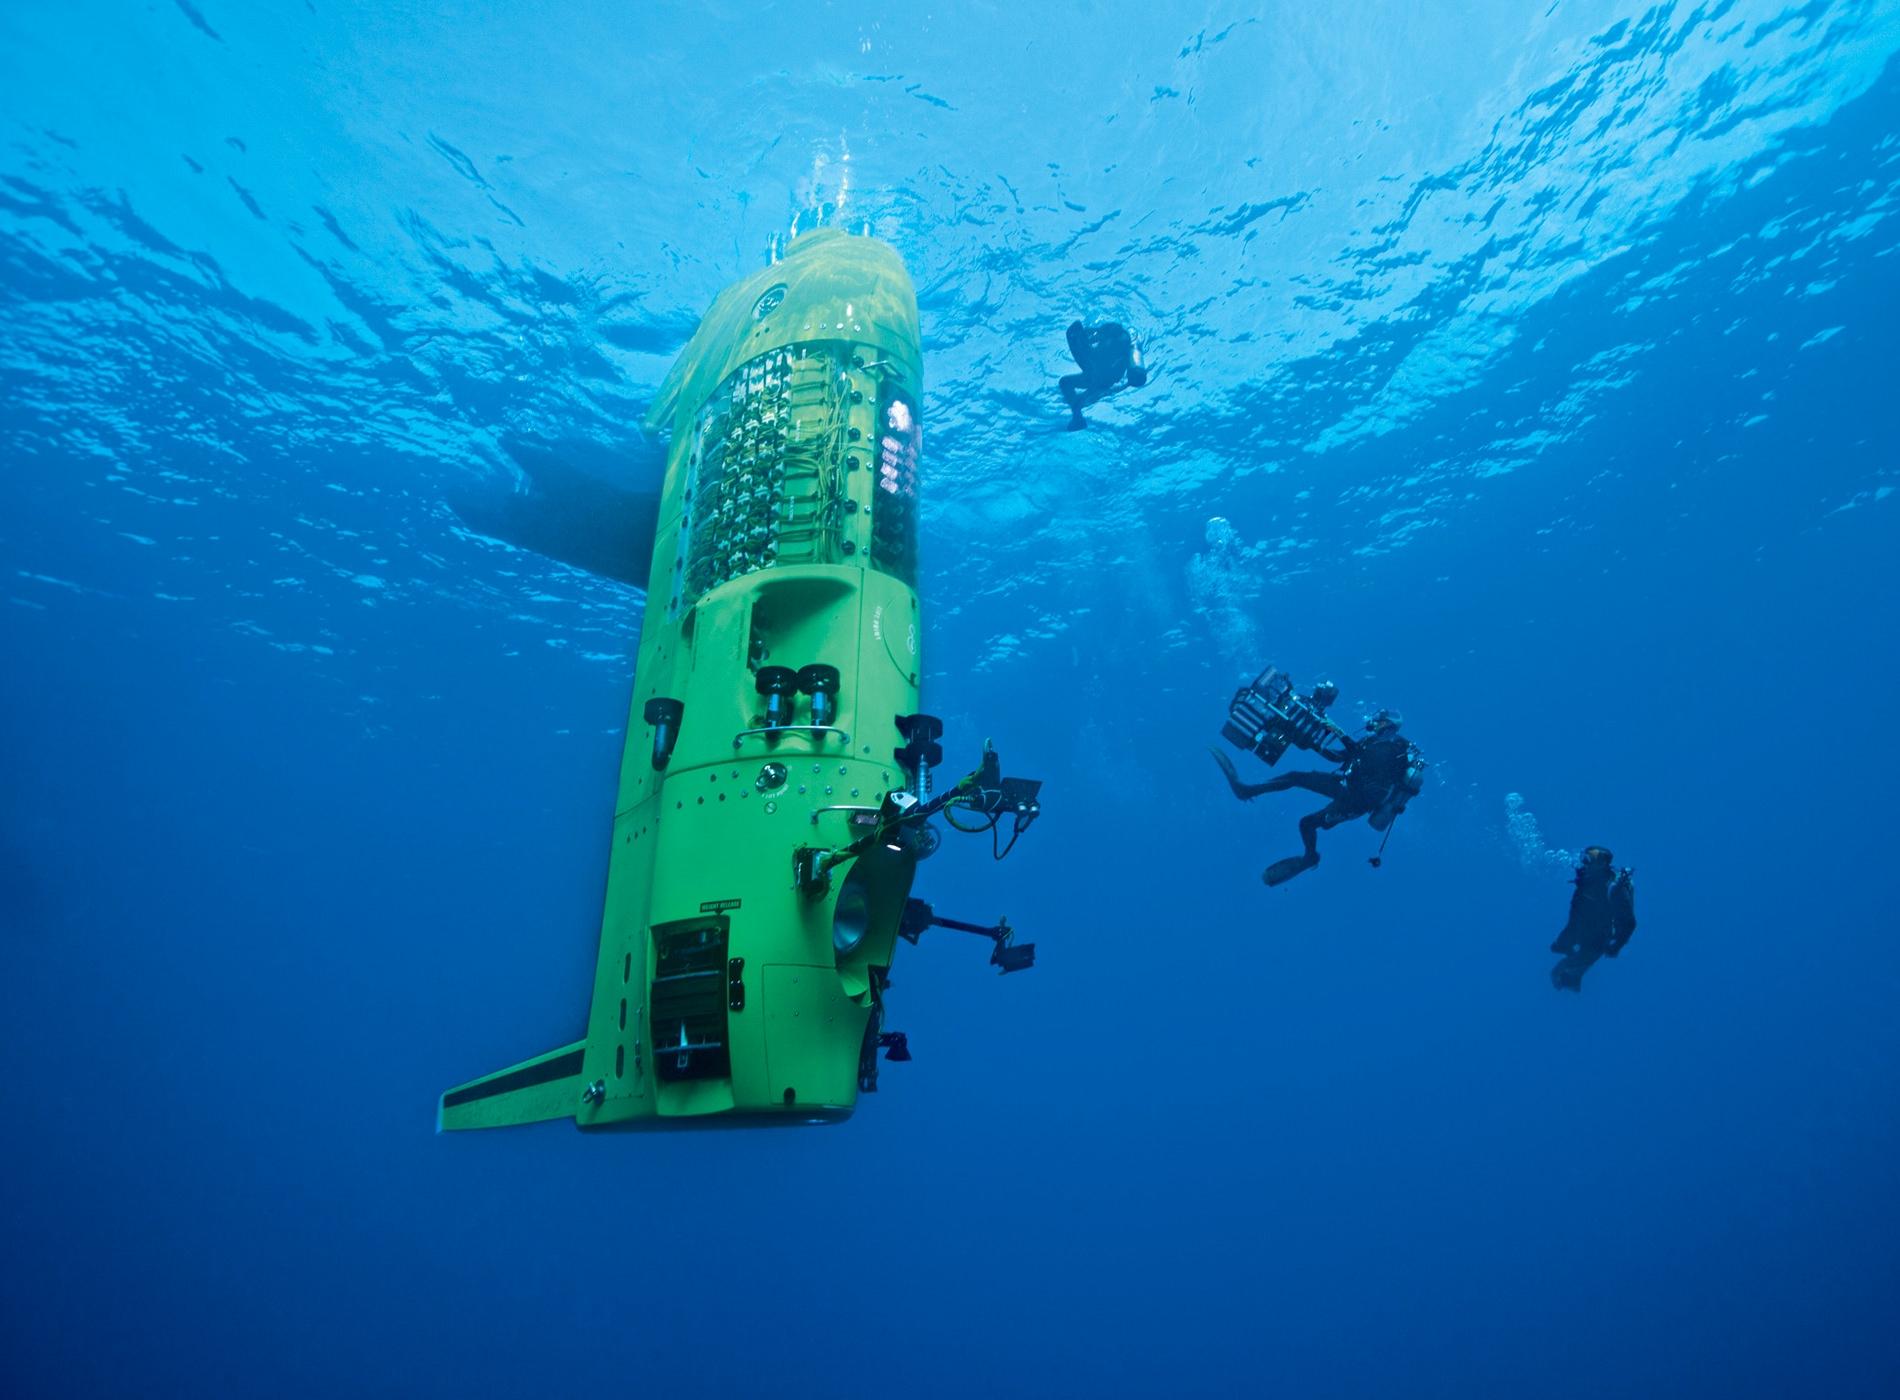 DeepSea Challenger 26 mars 2012 James Cameron